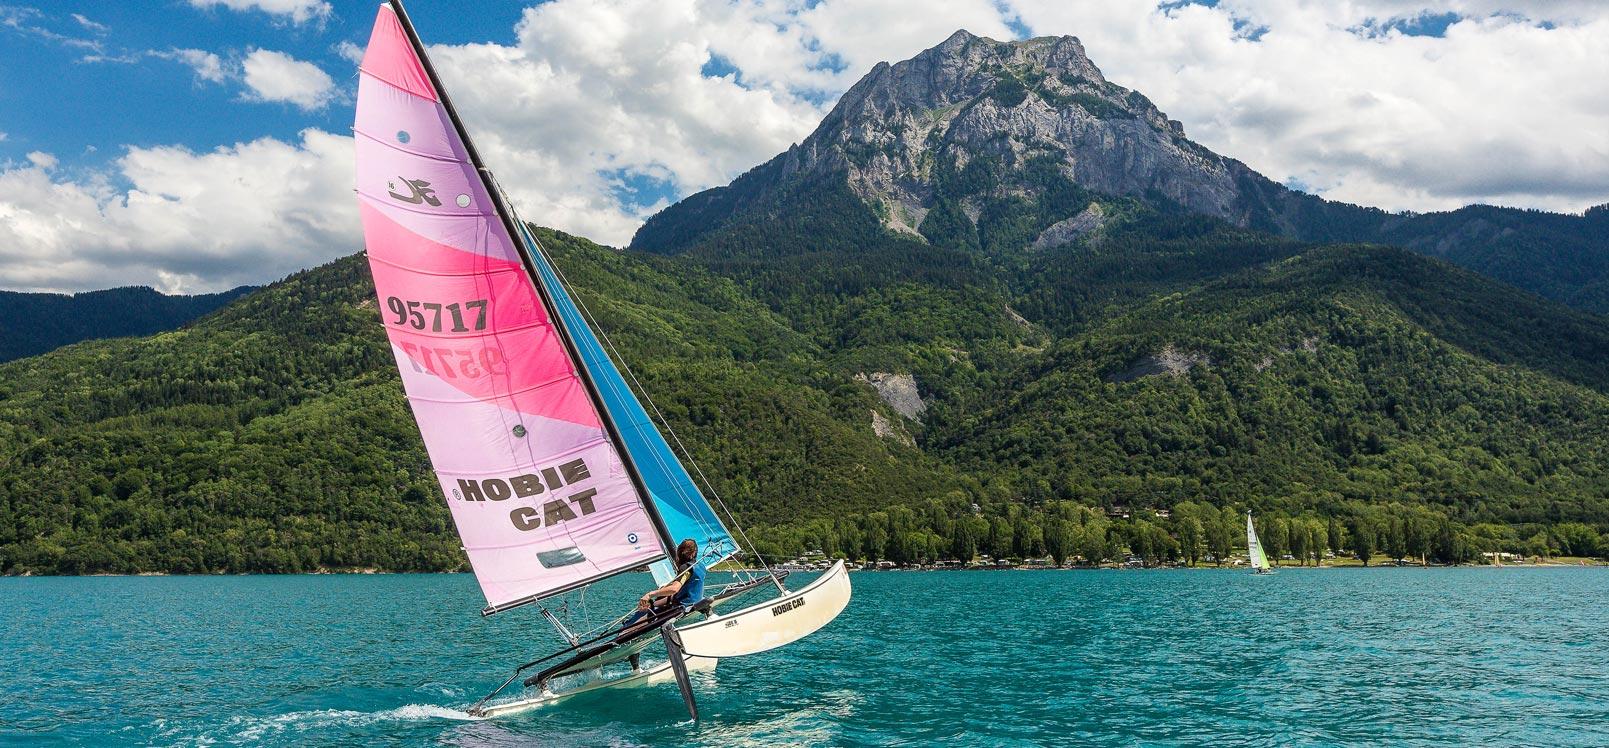 Voile sur le Lac de Serre-Ponçon Hautes-Alpes